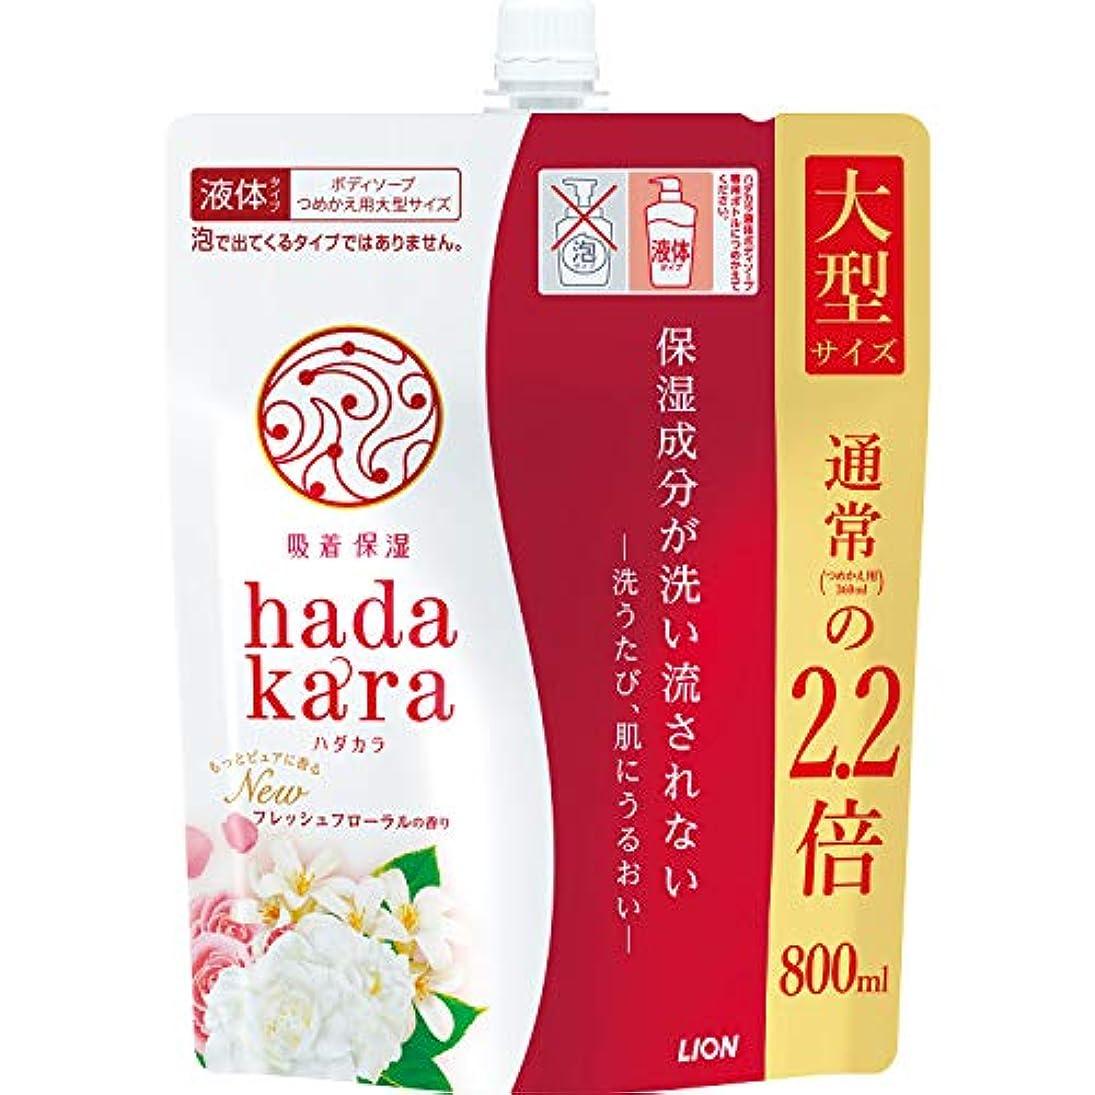 忠実グローブパッドhadakara(ハダカラ) ボディソープ フレッシュフローラルの香り つめかえ用大型サイズ 800ml